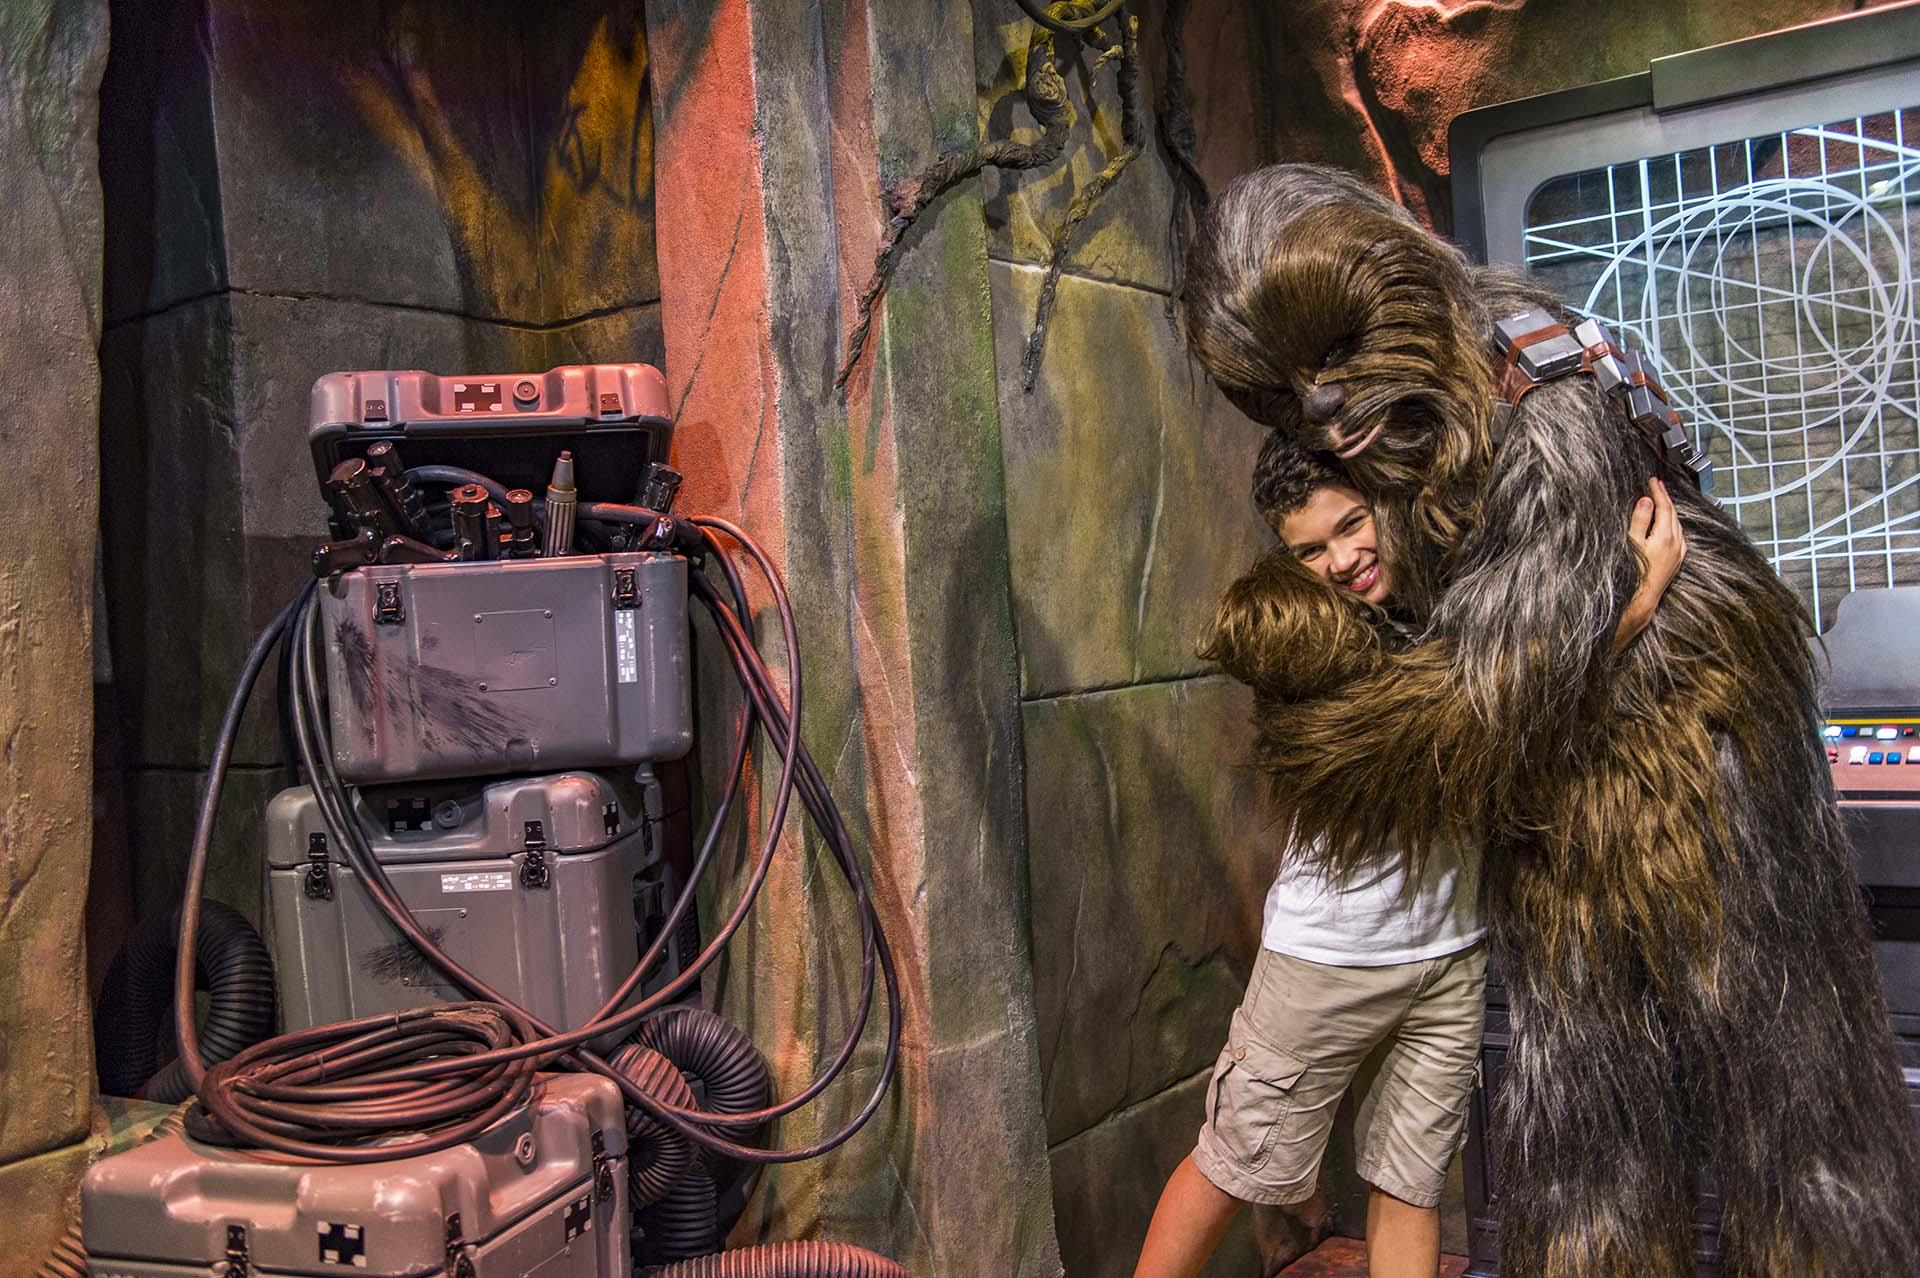 O mundo inteiro aguarda o lançamento de Star Wars no Disney's Hollywood Studios